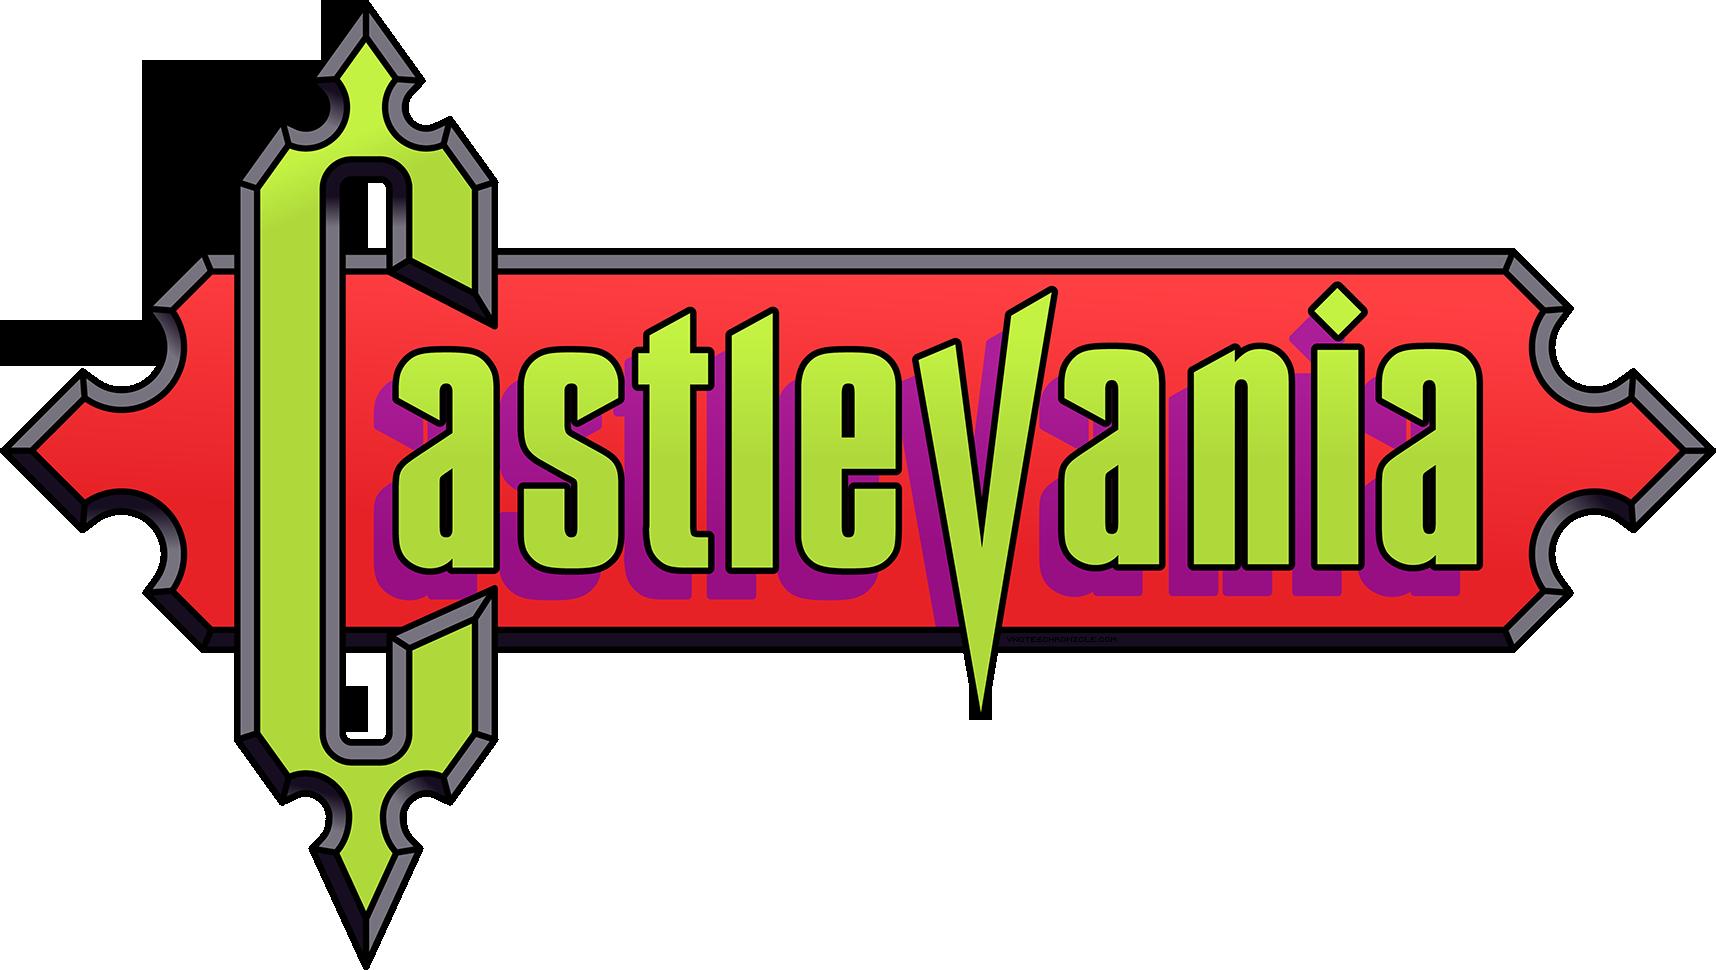 Resultado de imagem para castlevania